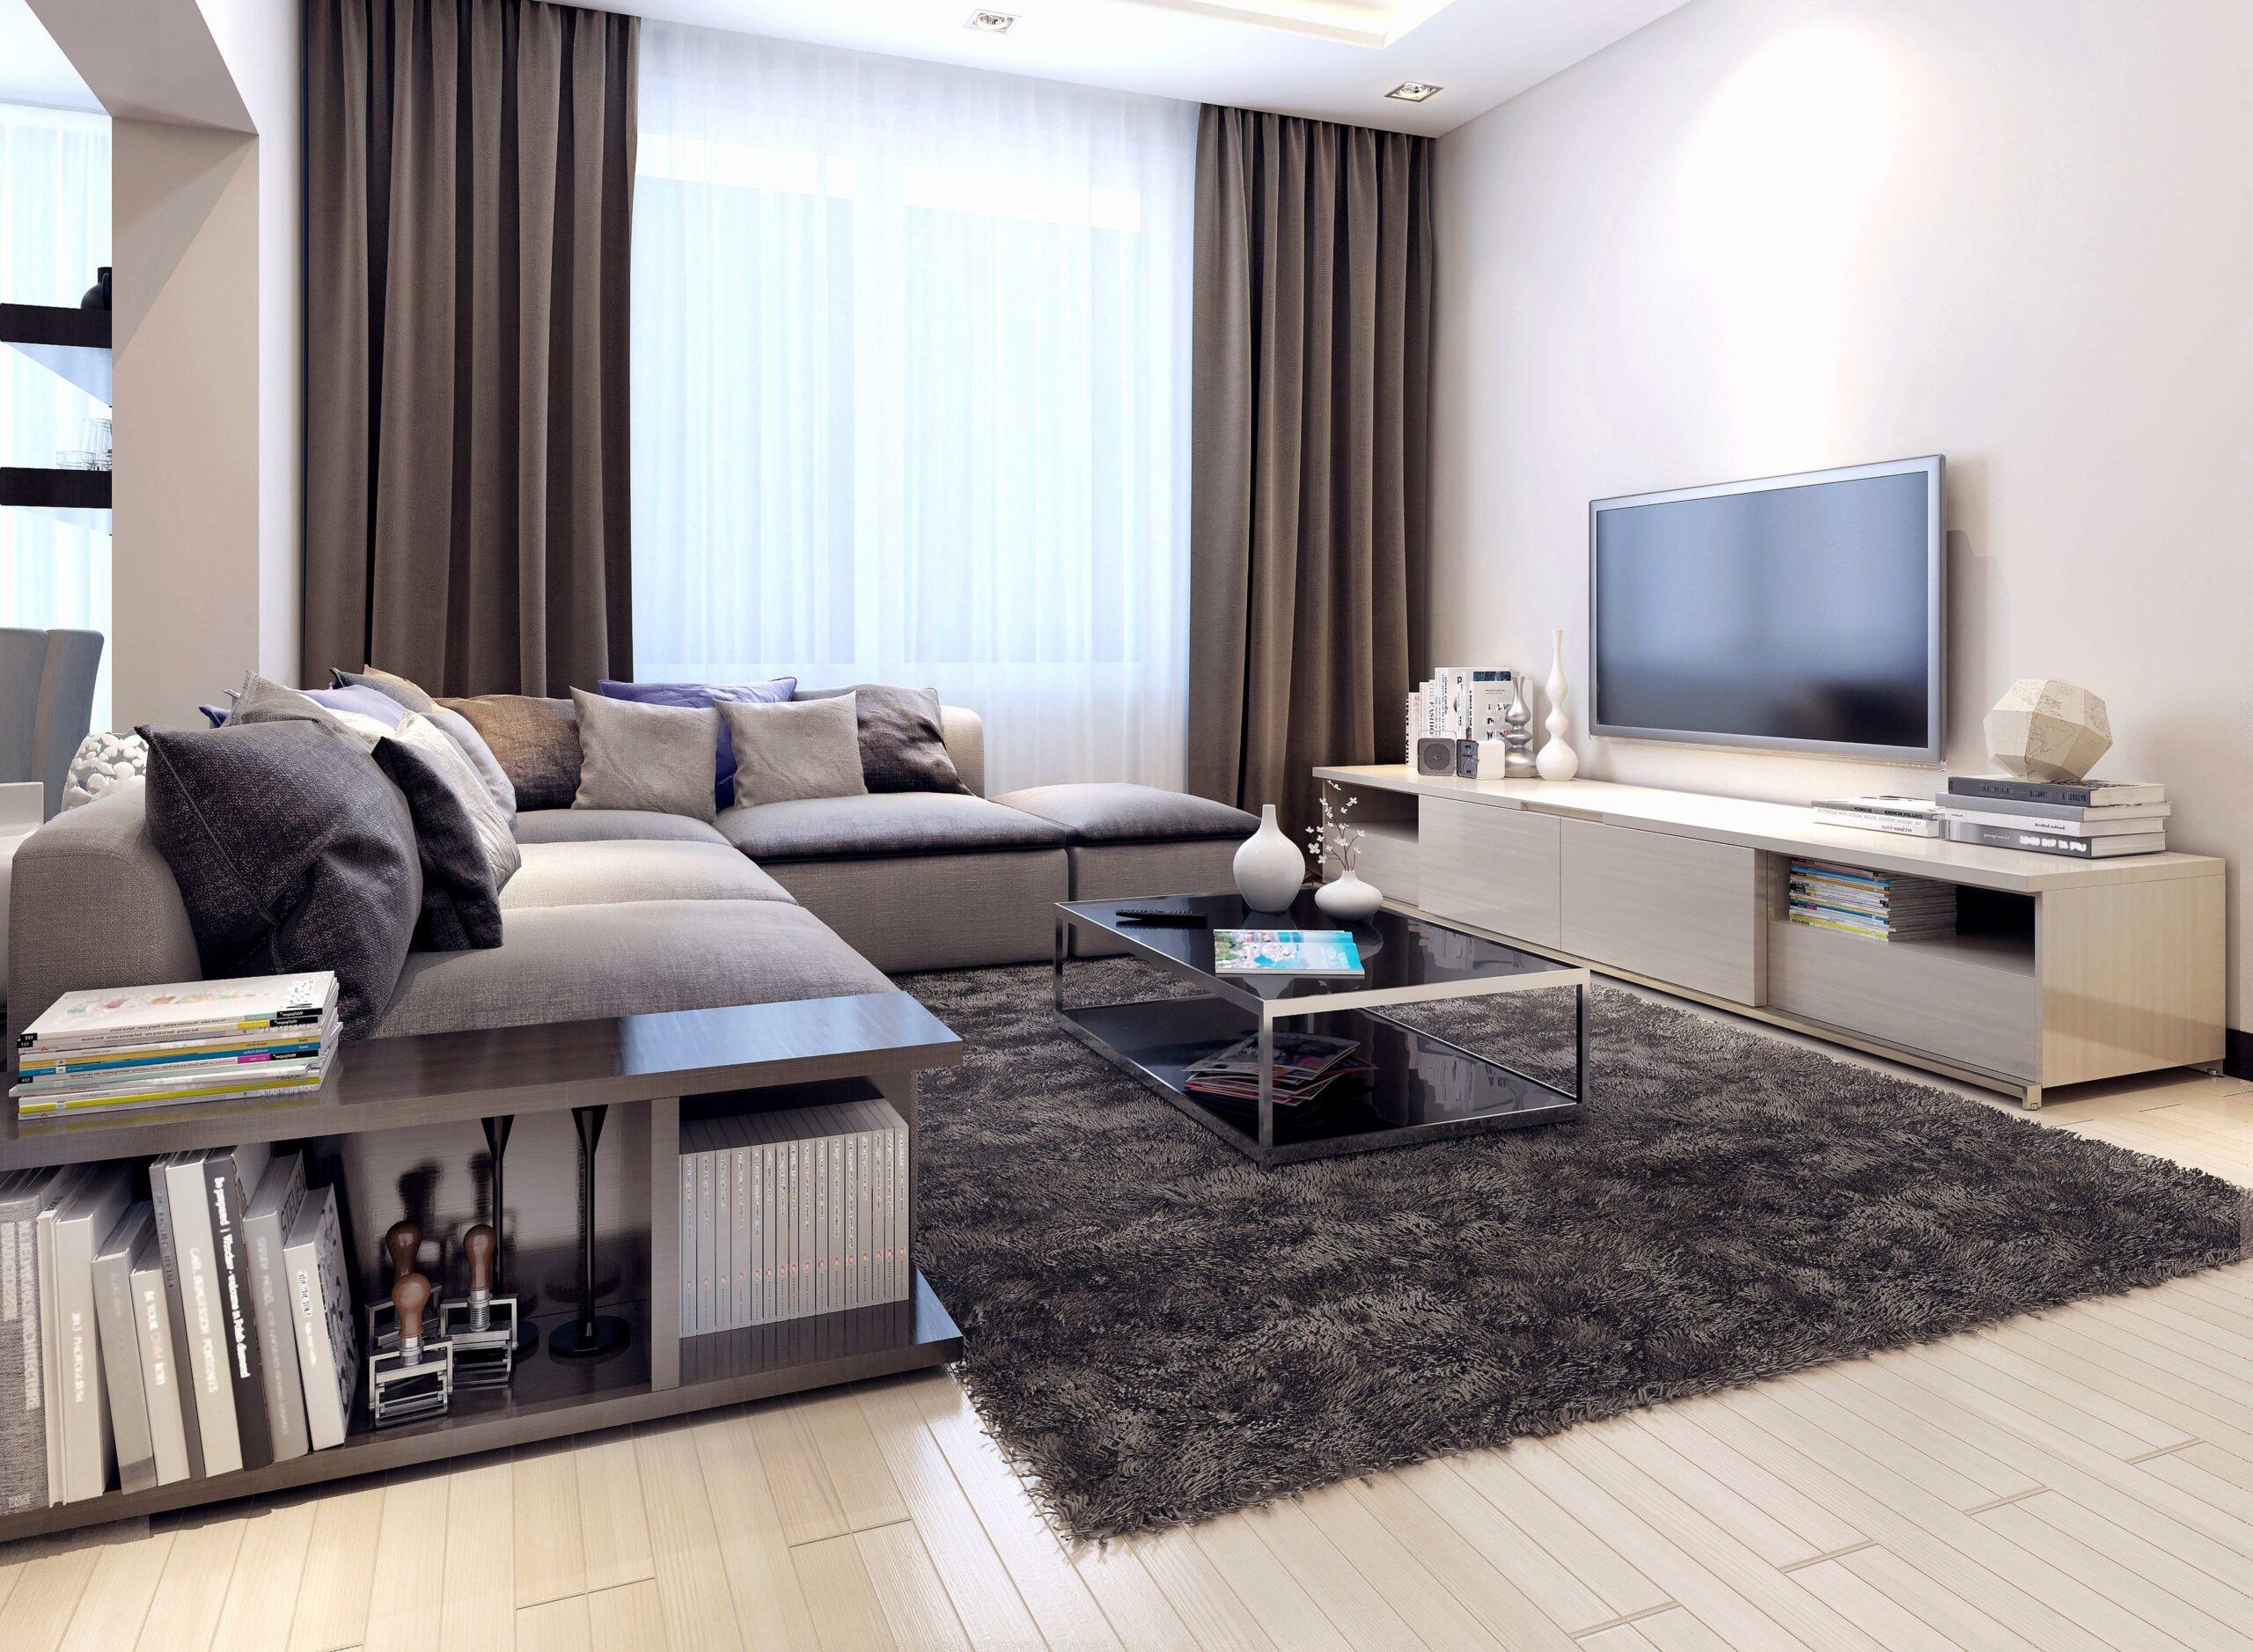 Full Size of Wohnzimmer Liegestuhl Relax Ikea Designer Relaxliege Mit Kippfunktion Schn Planen Der Led Deckenleuchte Wandtattoos Vorhang Landhausstil Hängeleuchte Wohnwand Wohnzimmer Wohnzimmer Liegestuhl